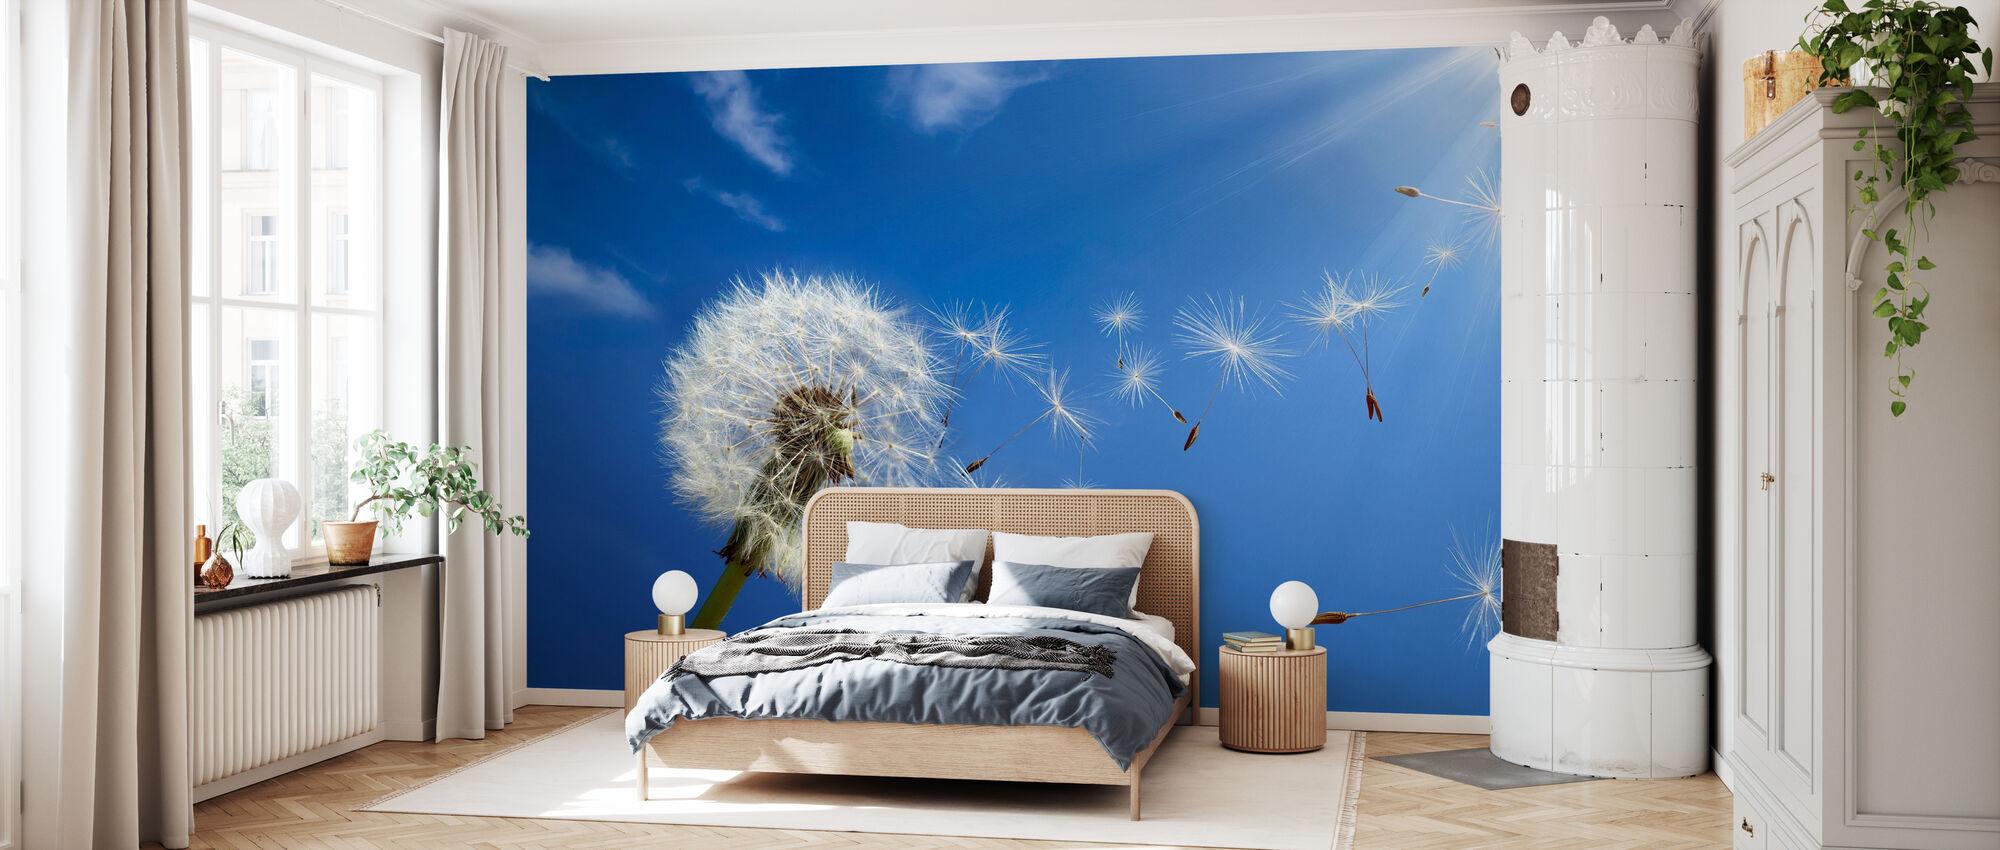 Dreams of Dandelion - Wallpaper - Bedroom